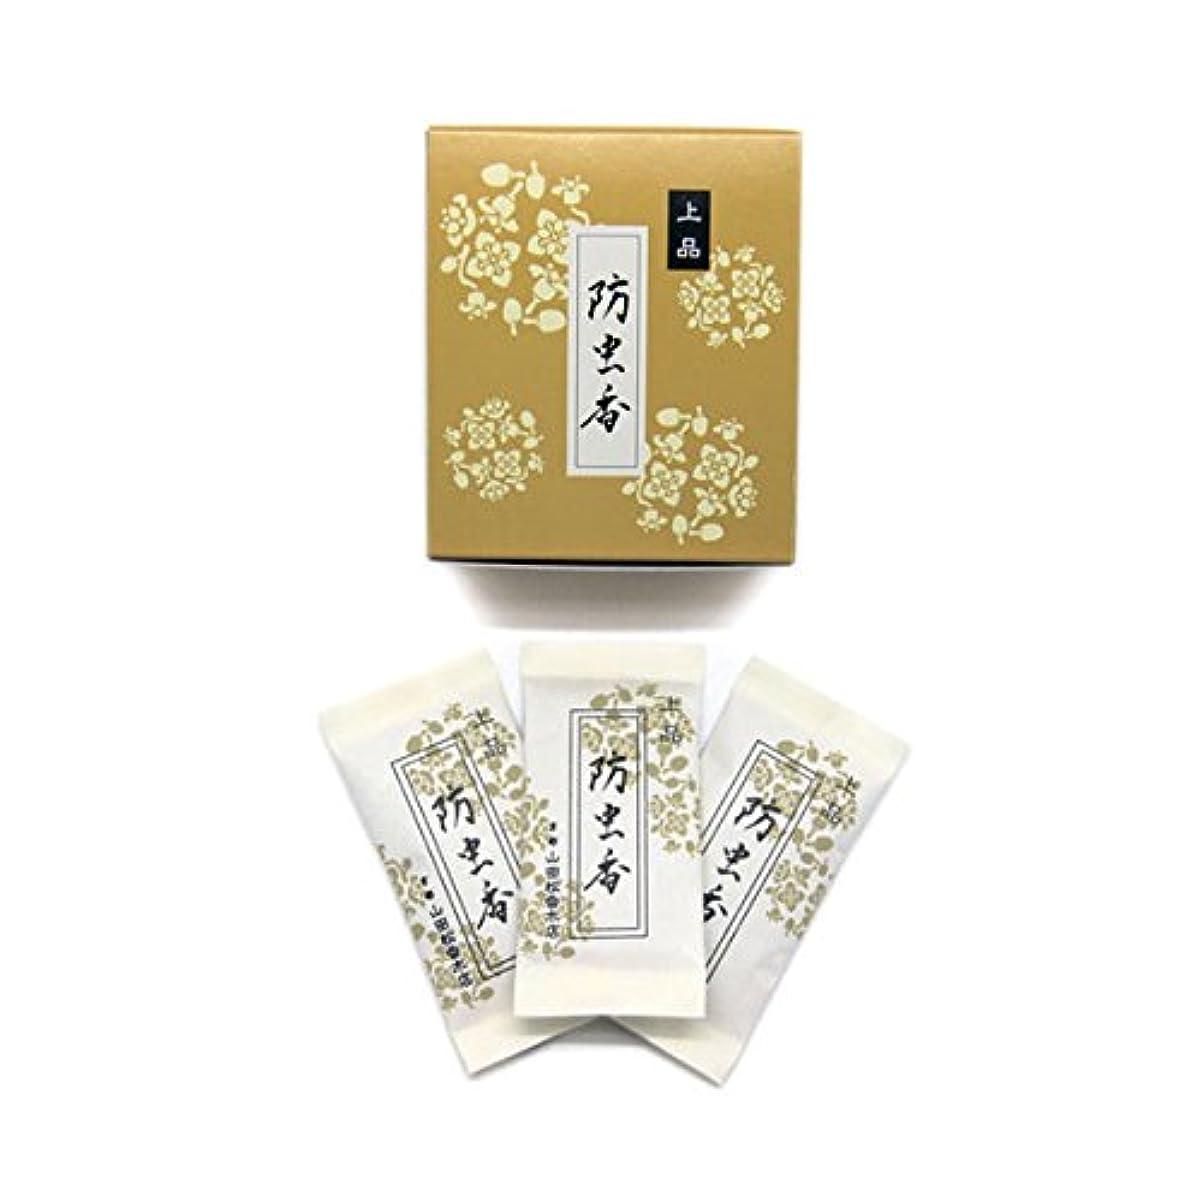 防虫香 上品(10ヶ入)